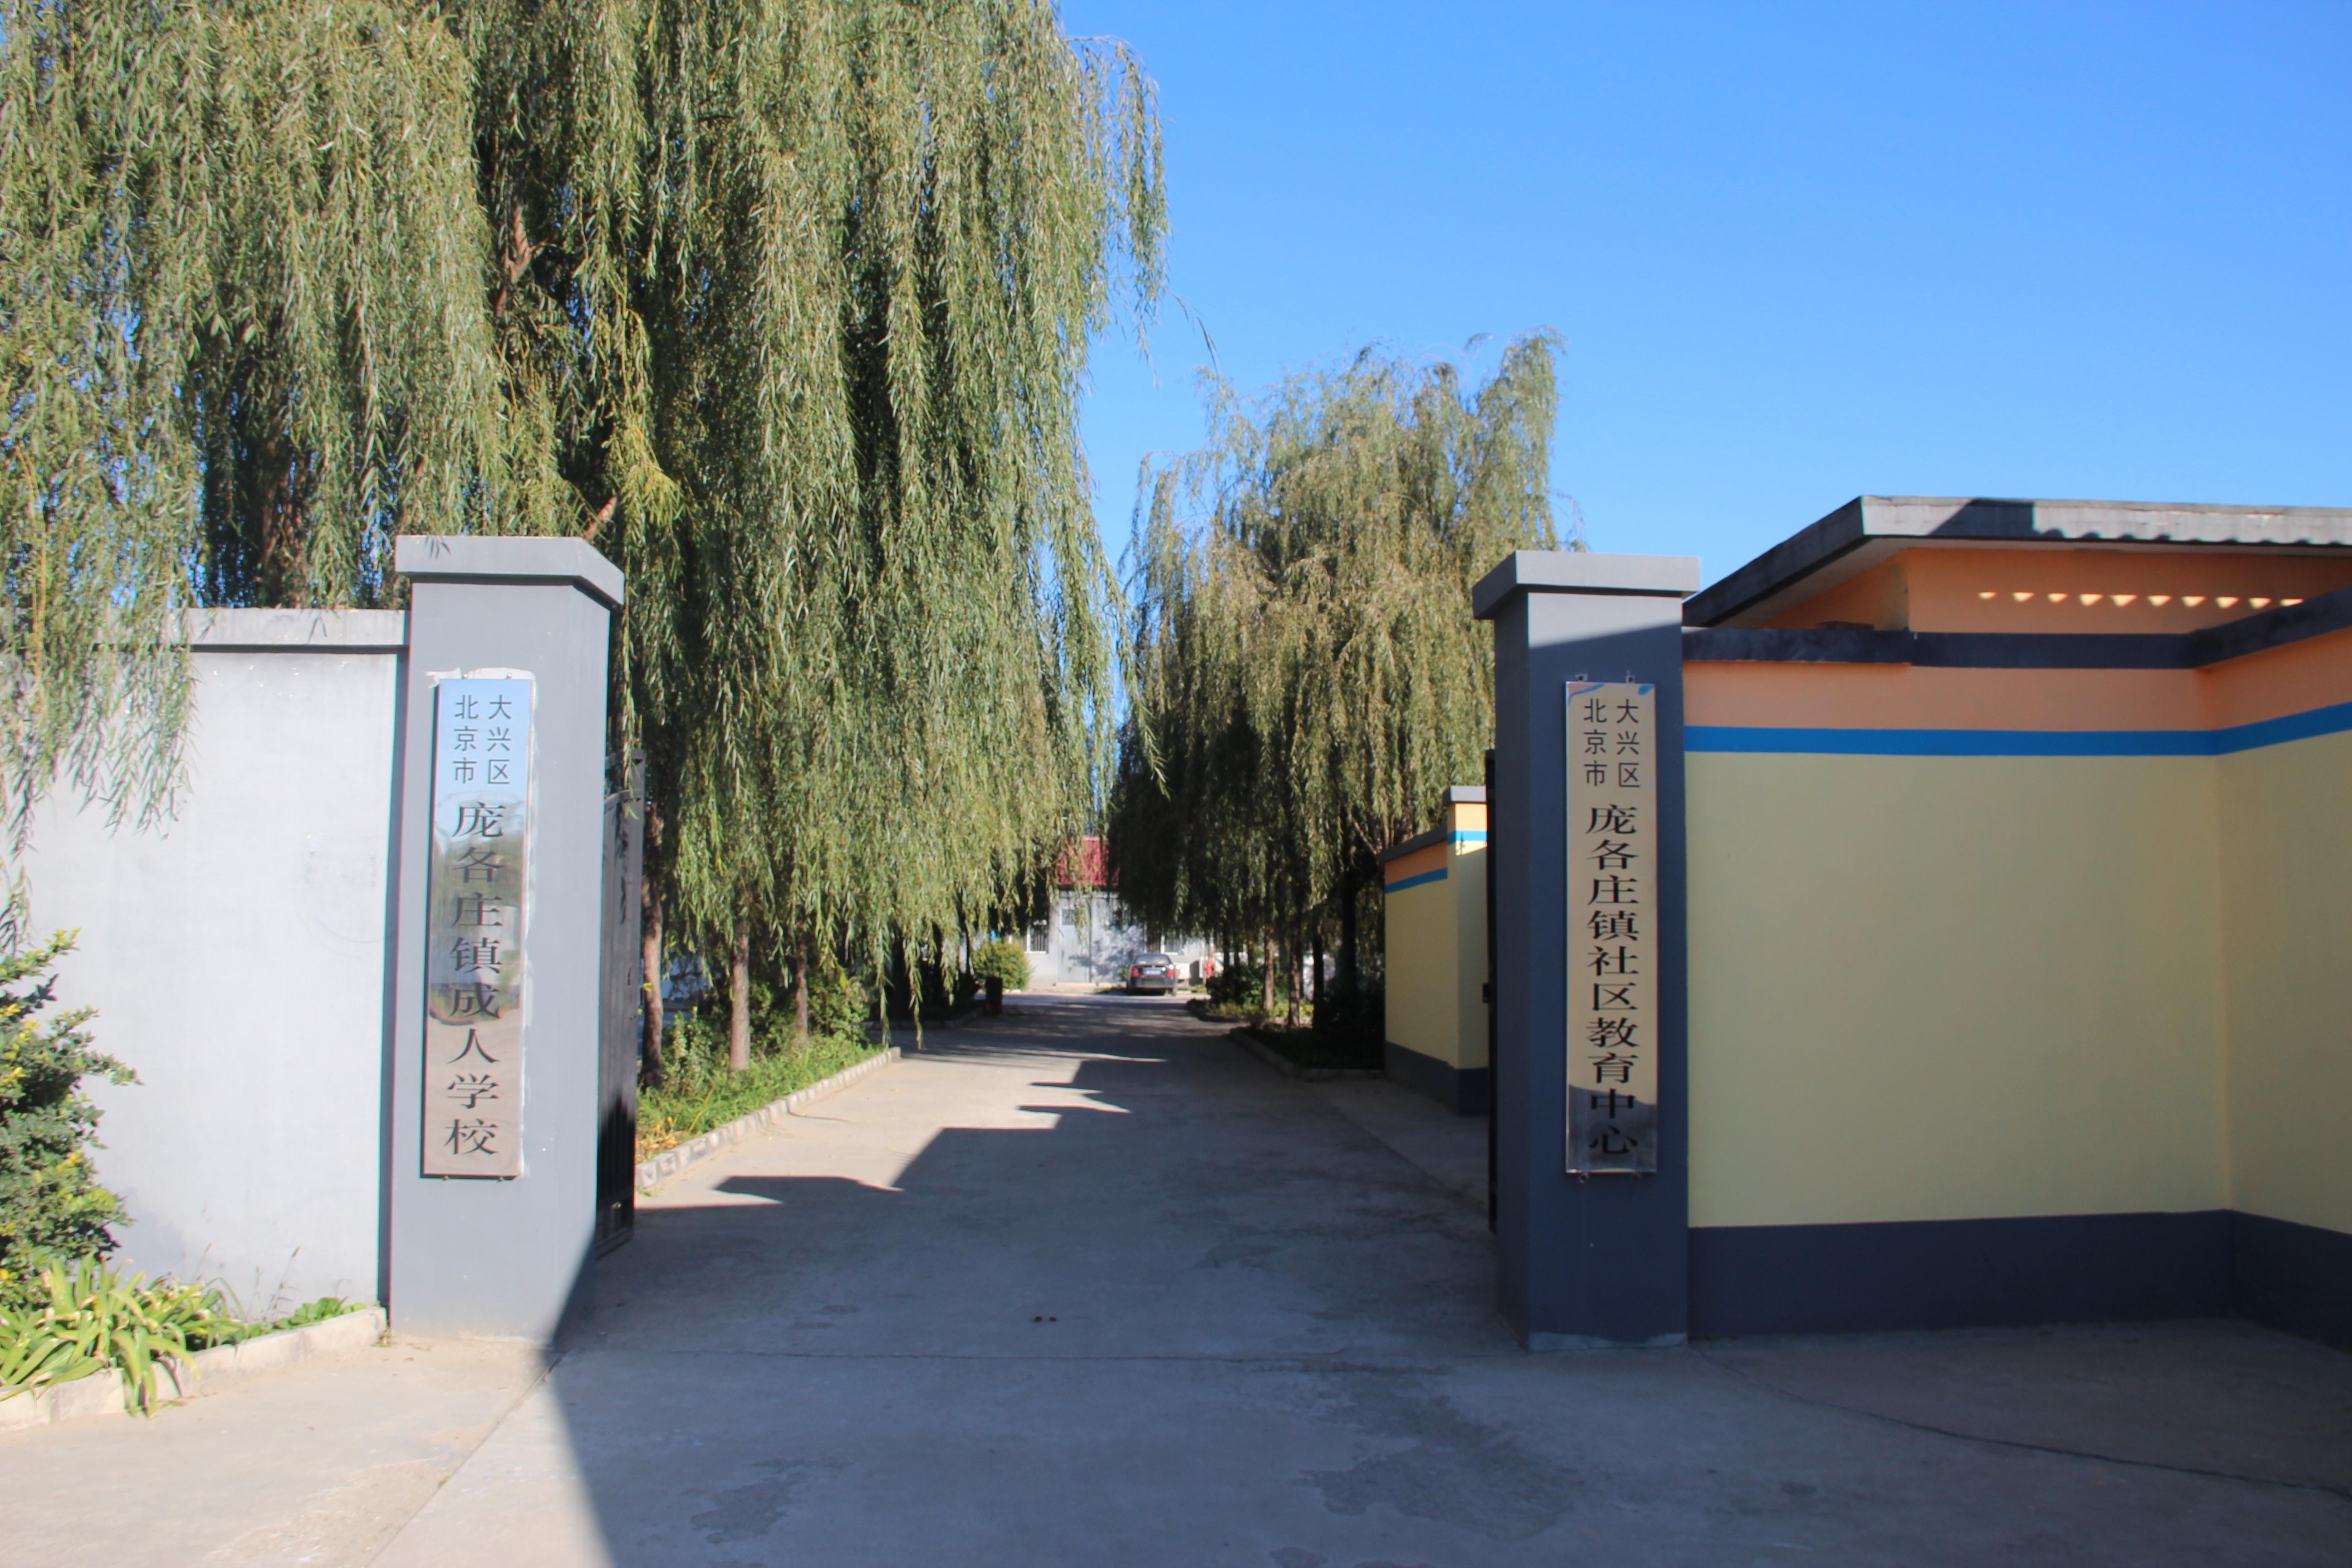 庞各庄镇成人学校